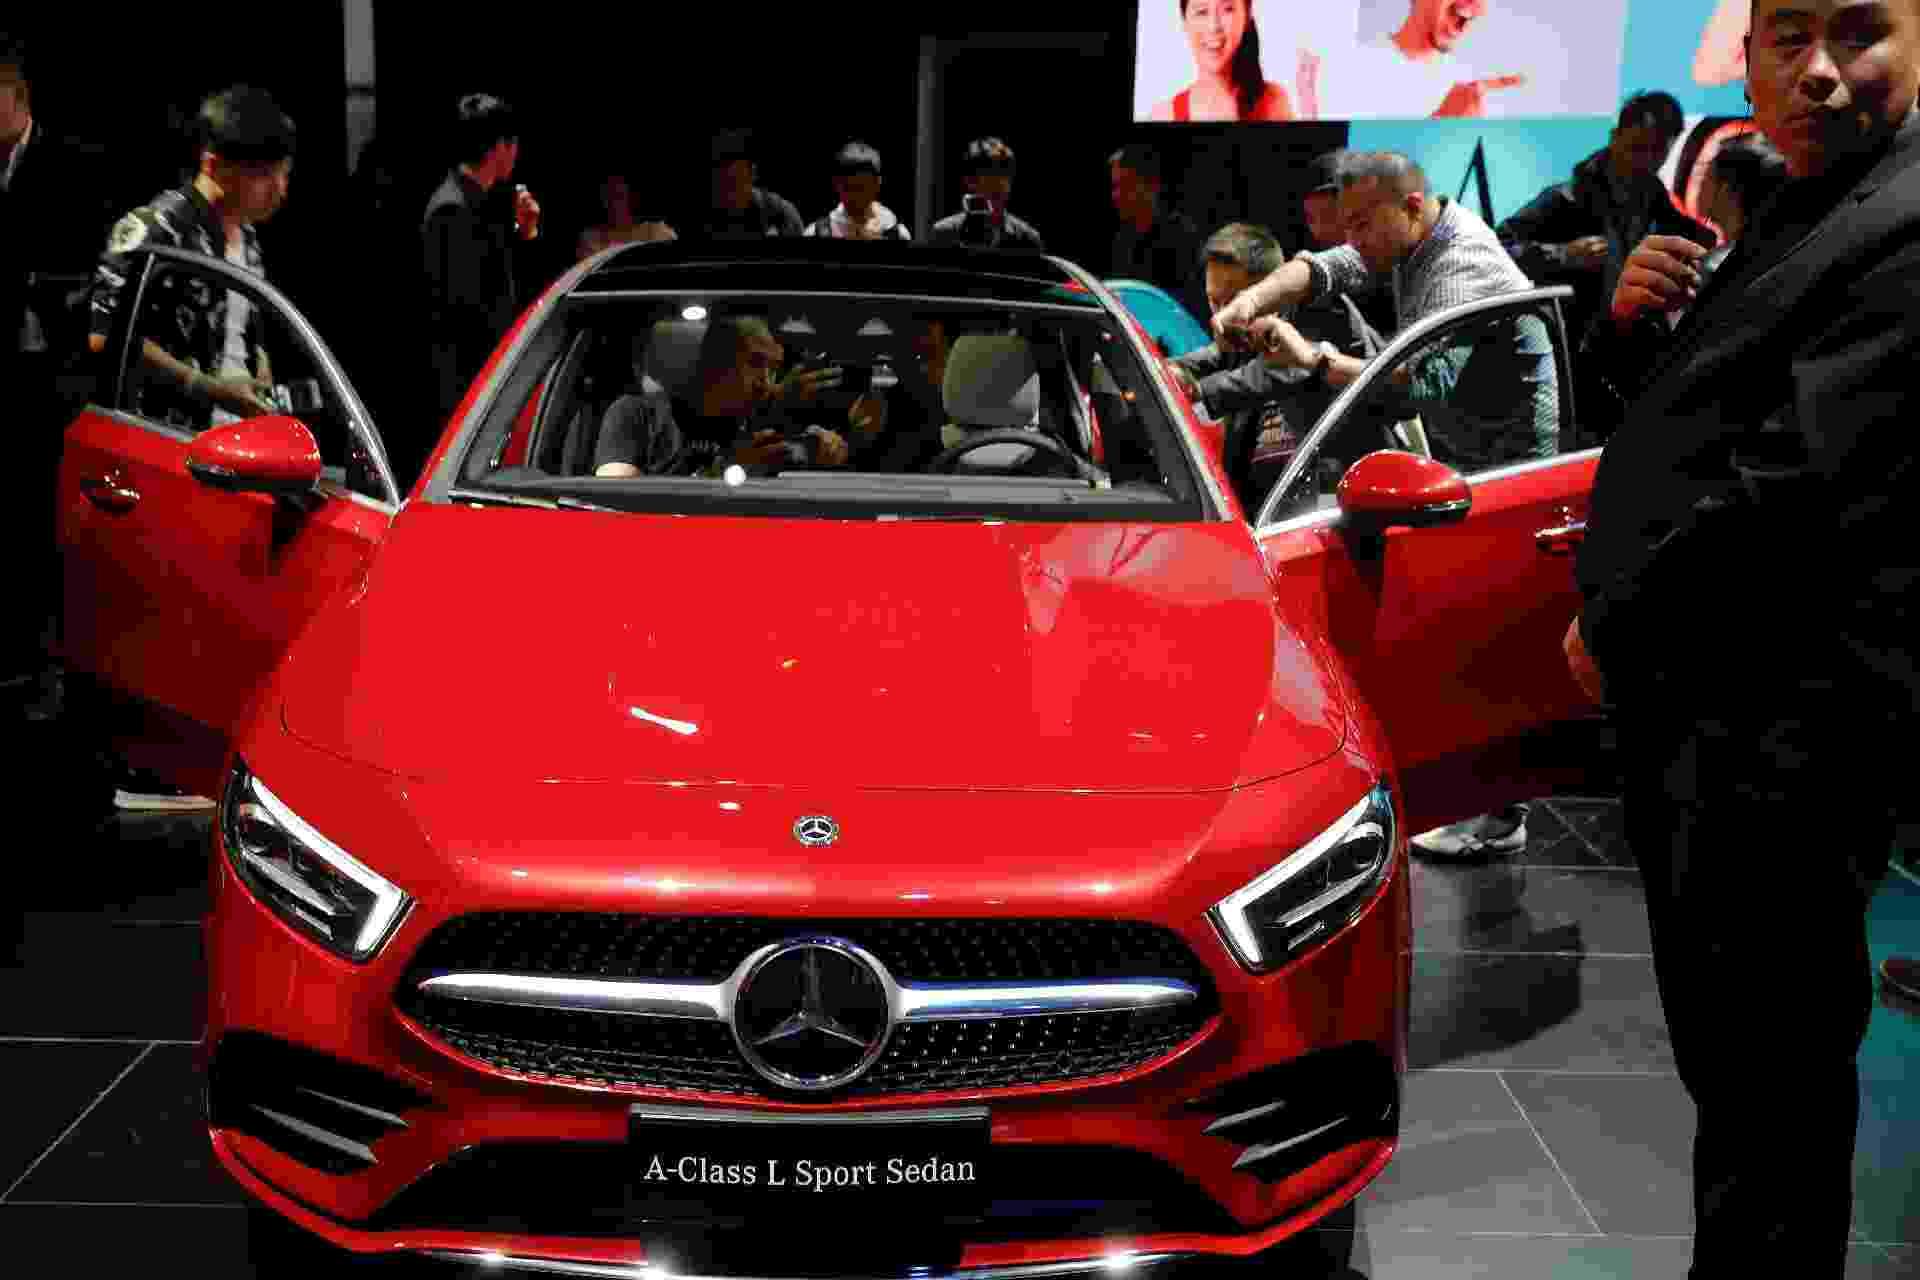 Mercedes-Benz Classe A Sedan Longo - Damir Sagolj/Reuters